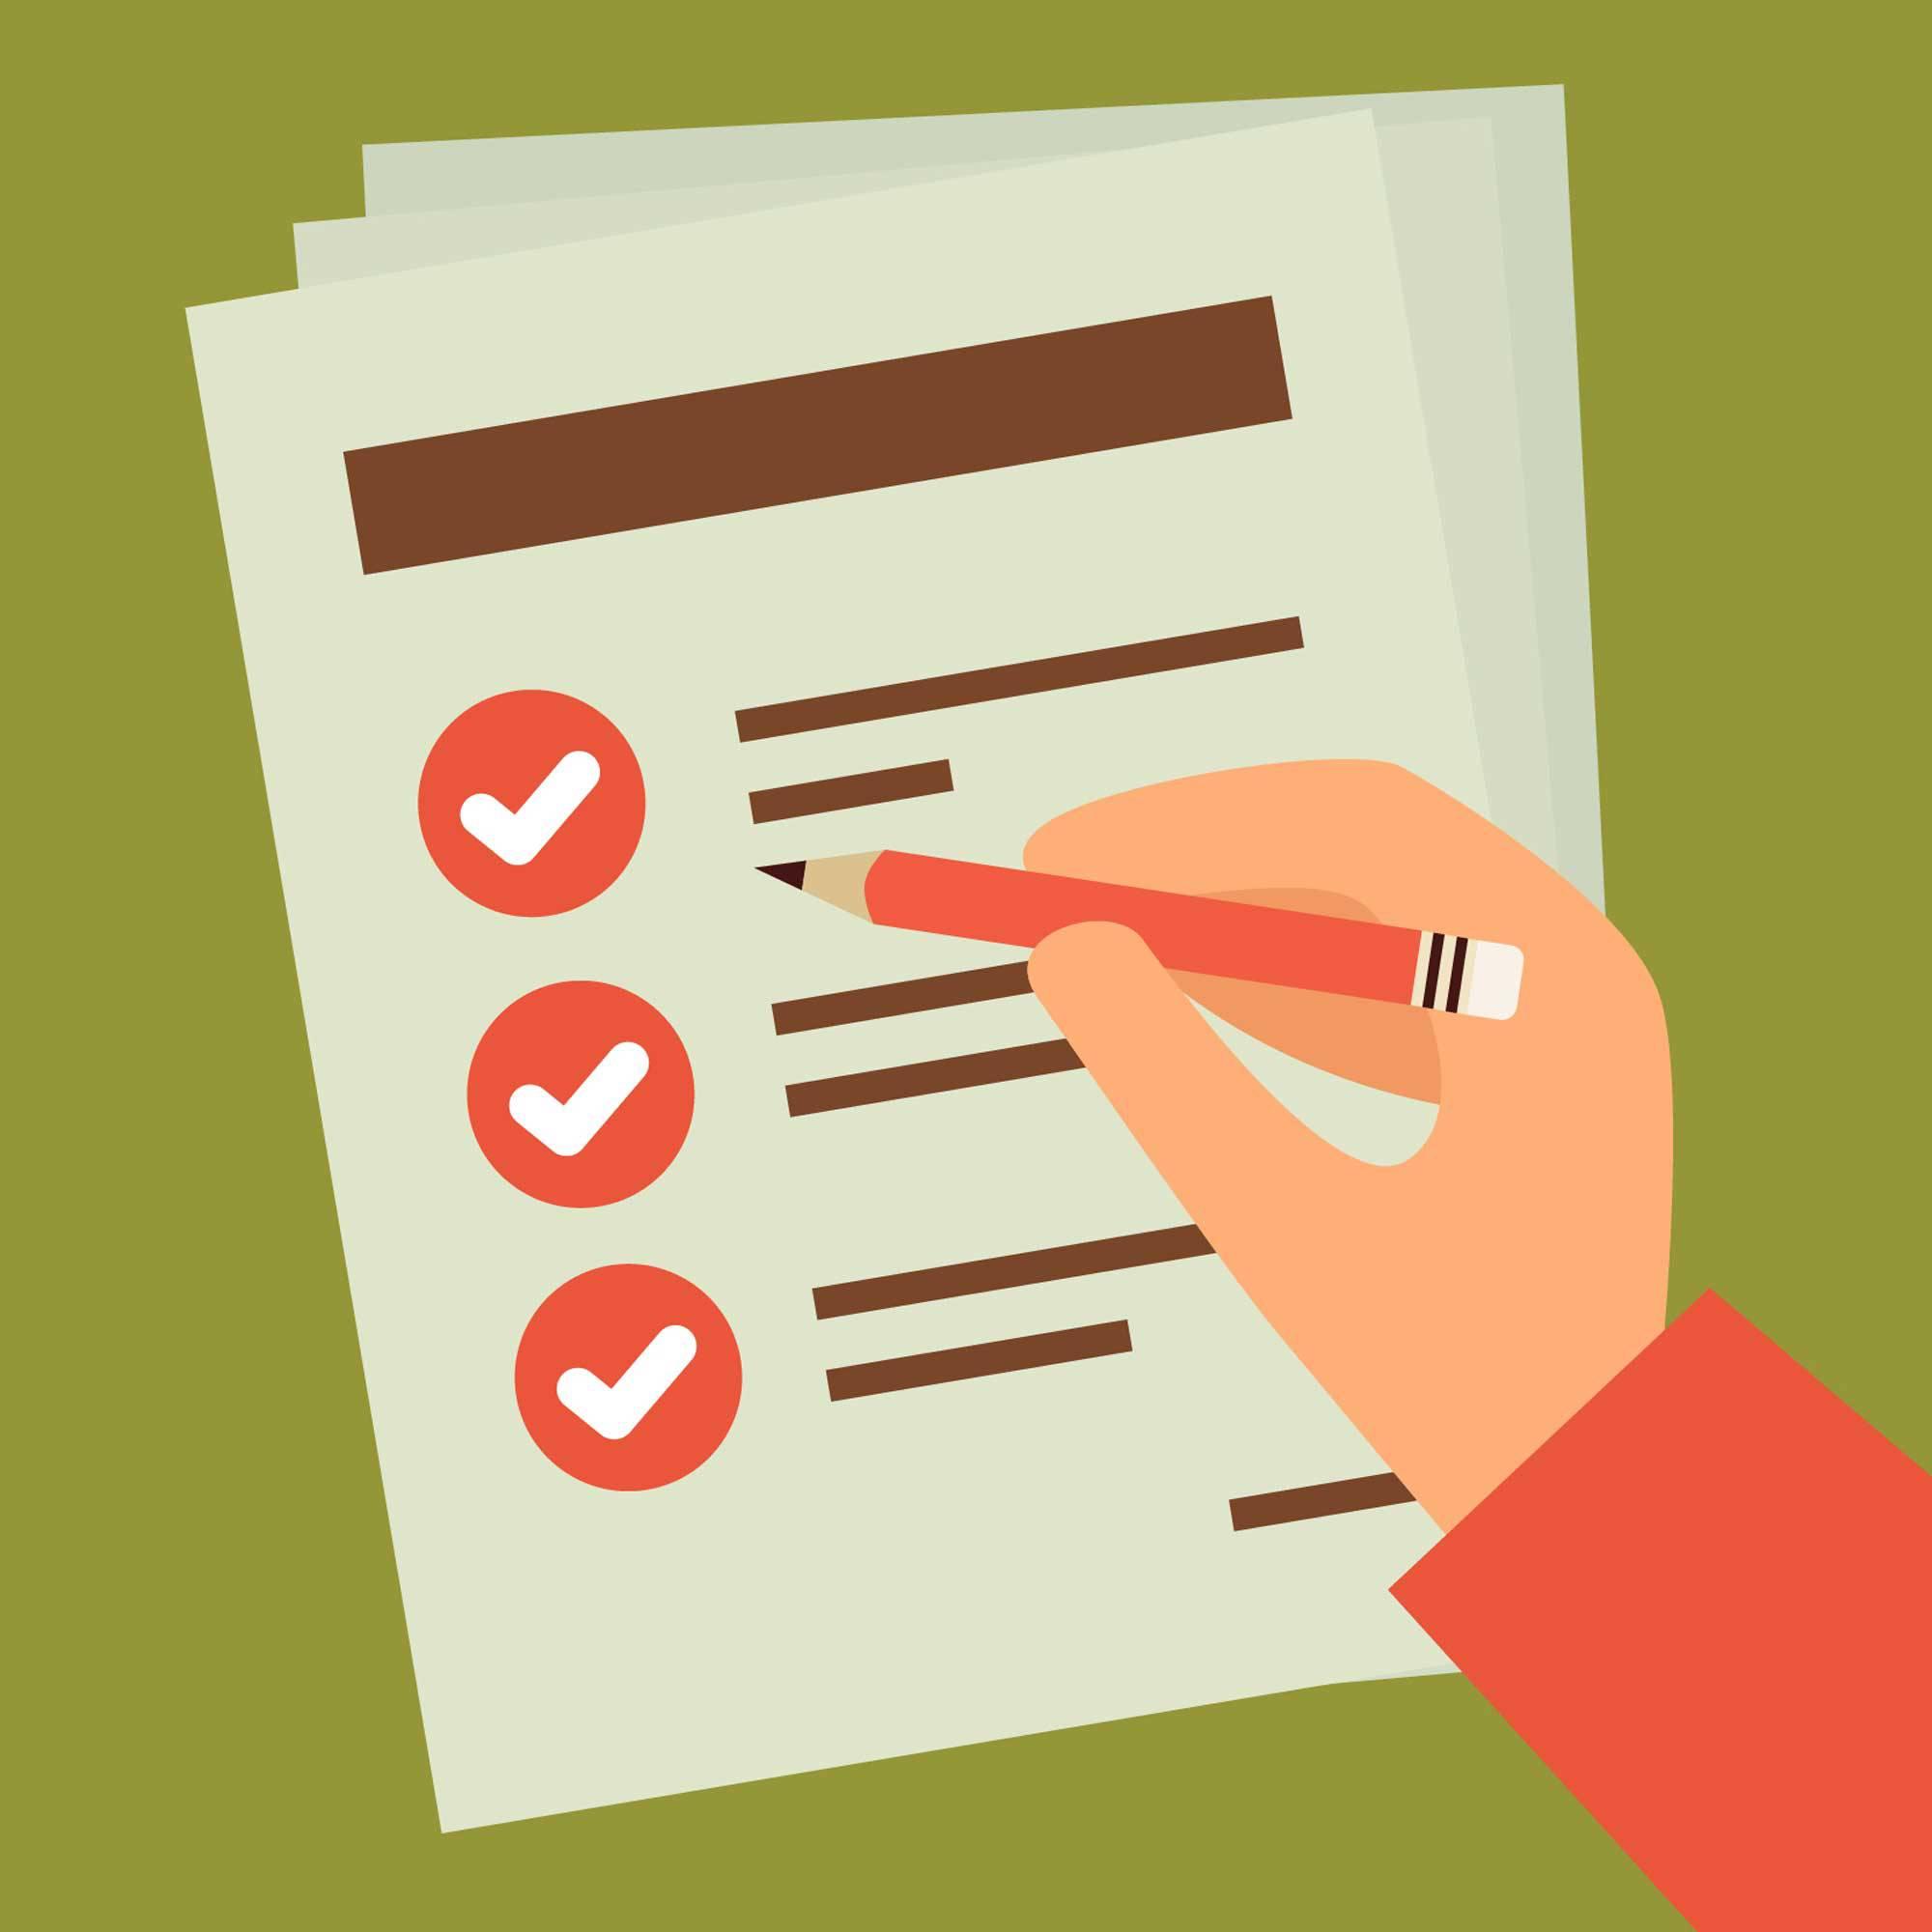 سوالات چهارگزینه ای آزمون ICDL آفیس همراه با جواب